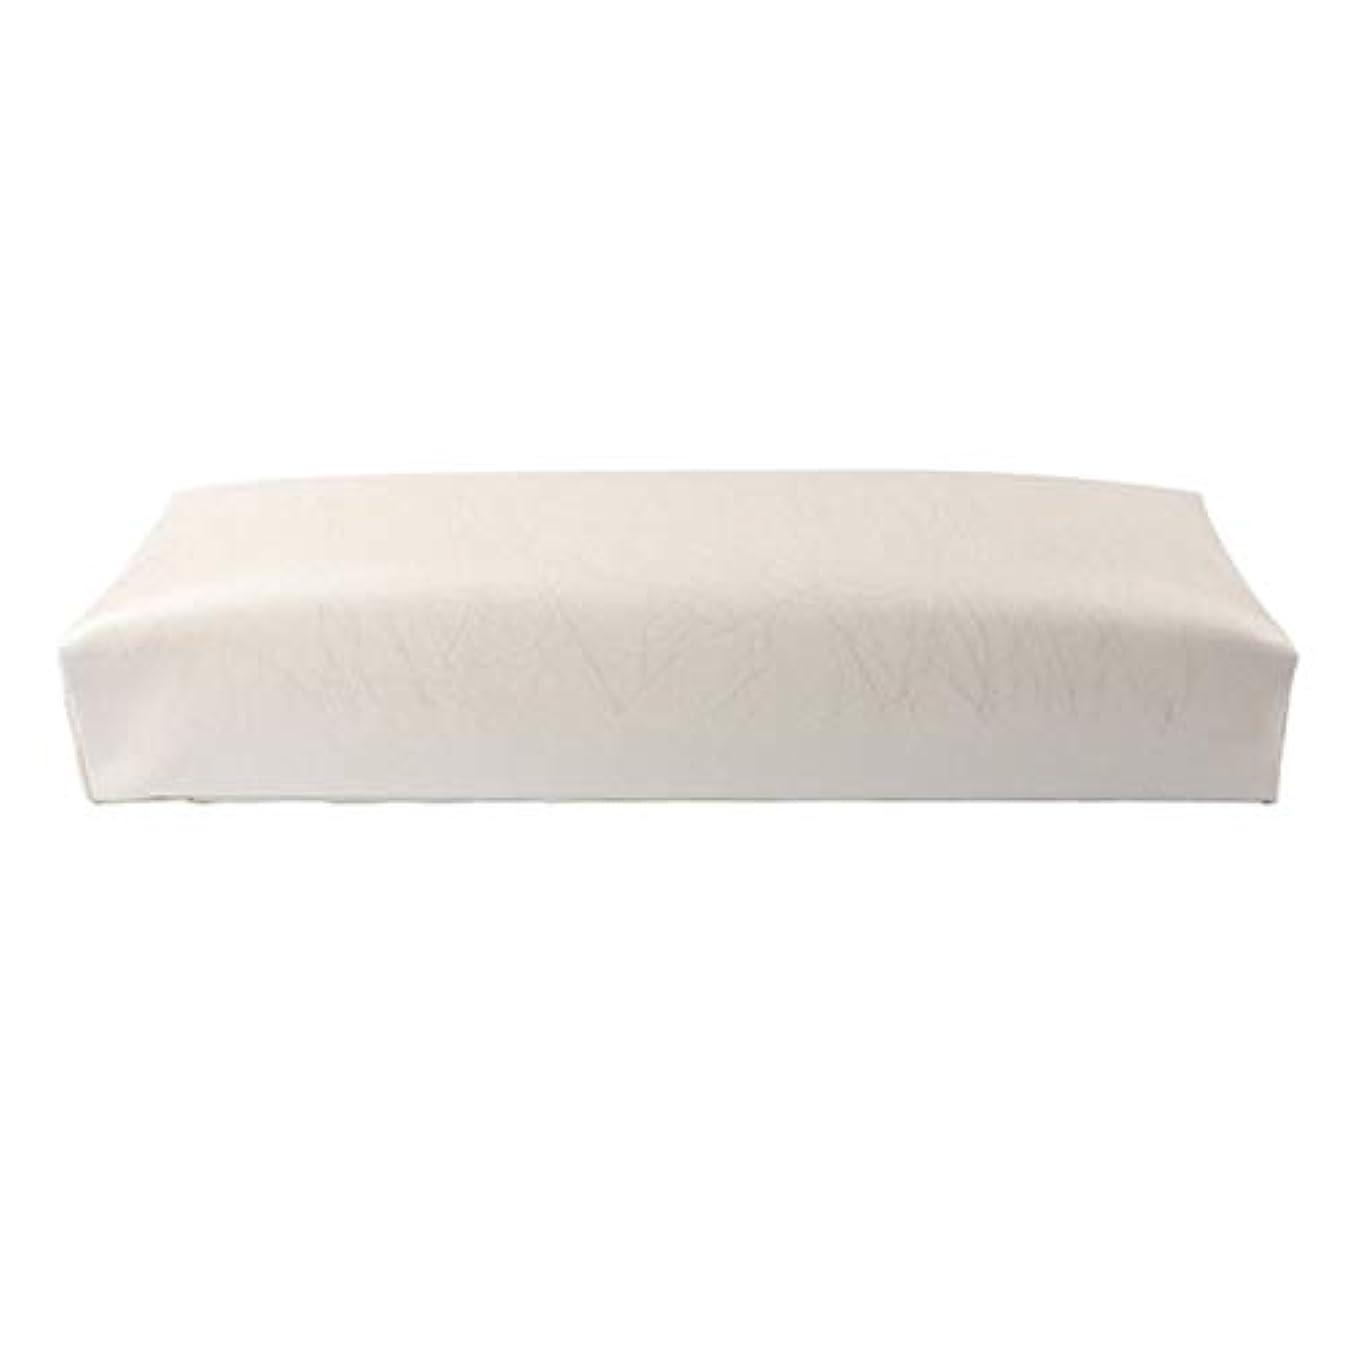 キッチンスキッパーいろいろACAMPTAR ネイル用マニキュアハンド枕長方形PUレザーハンドレストクッションネイルピローサロンハンドホルダーアームレストレストマニキュアネイルアートアクセサリーツールホワイト